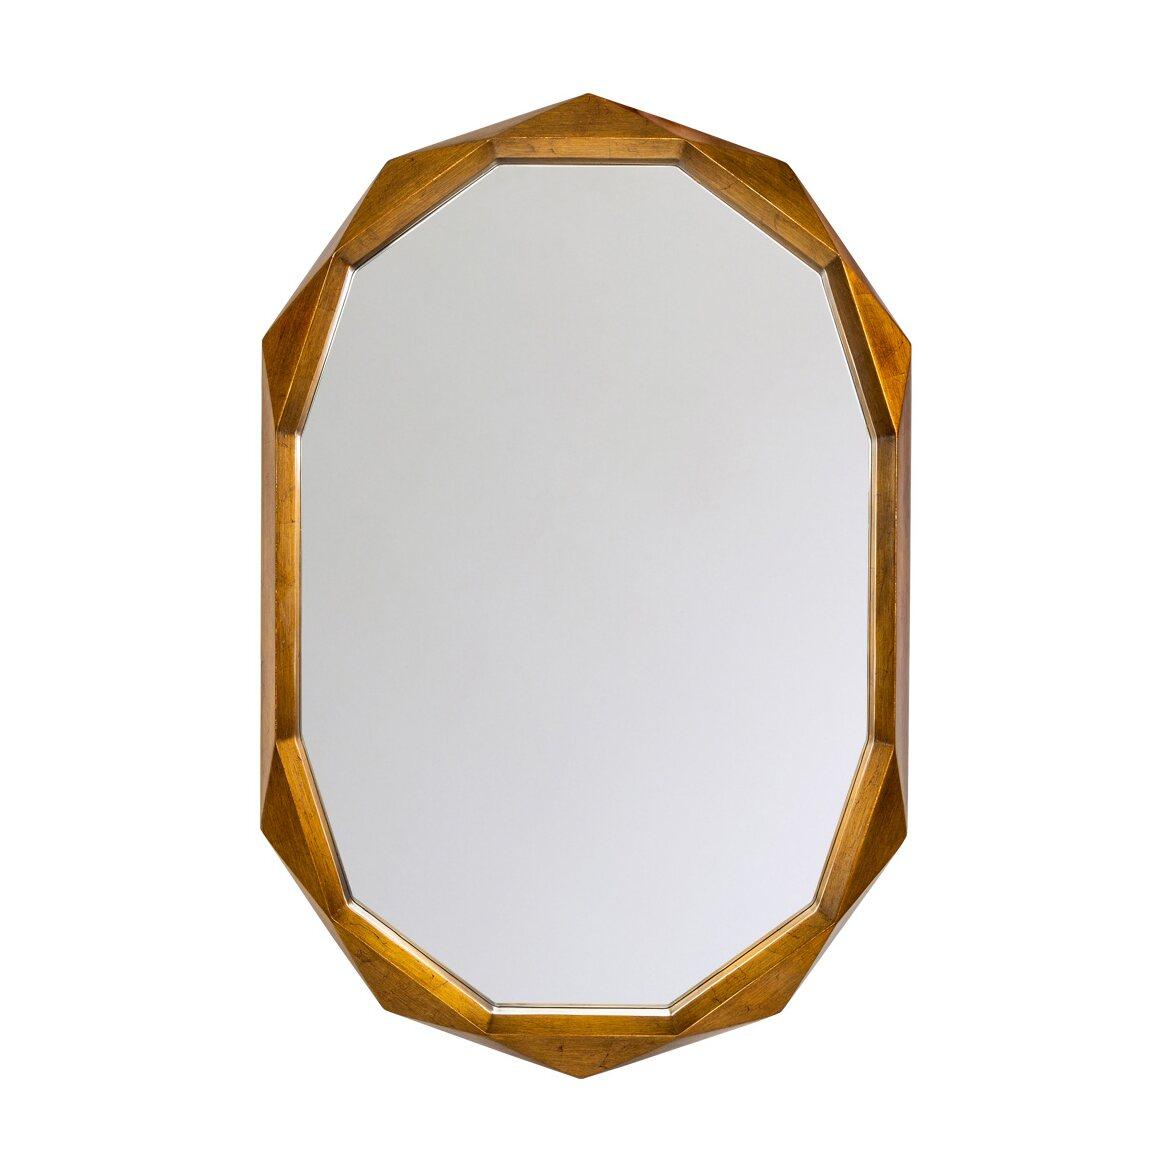 Настенное зеркало «Осирис» | Настенные зеркала Kingsby